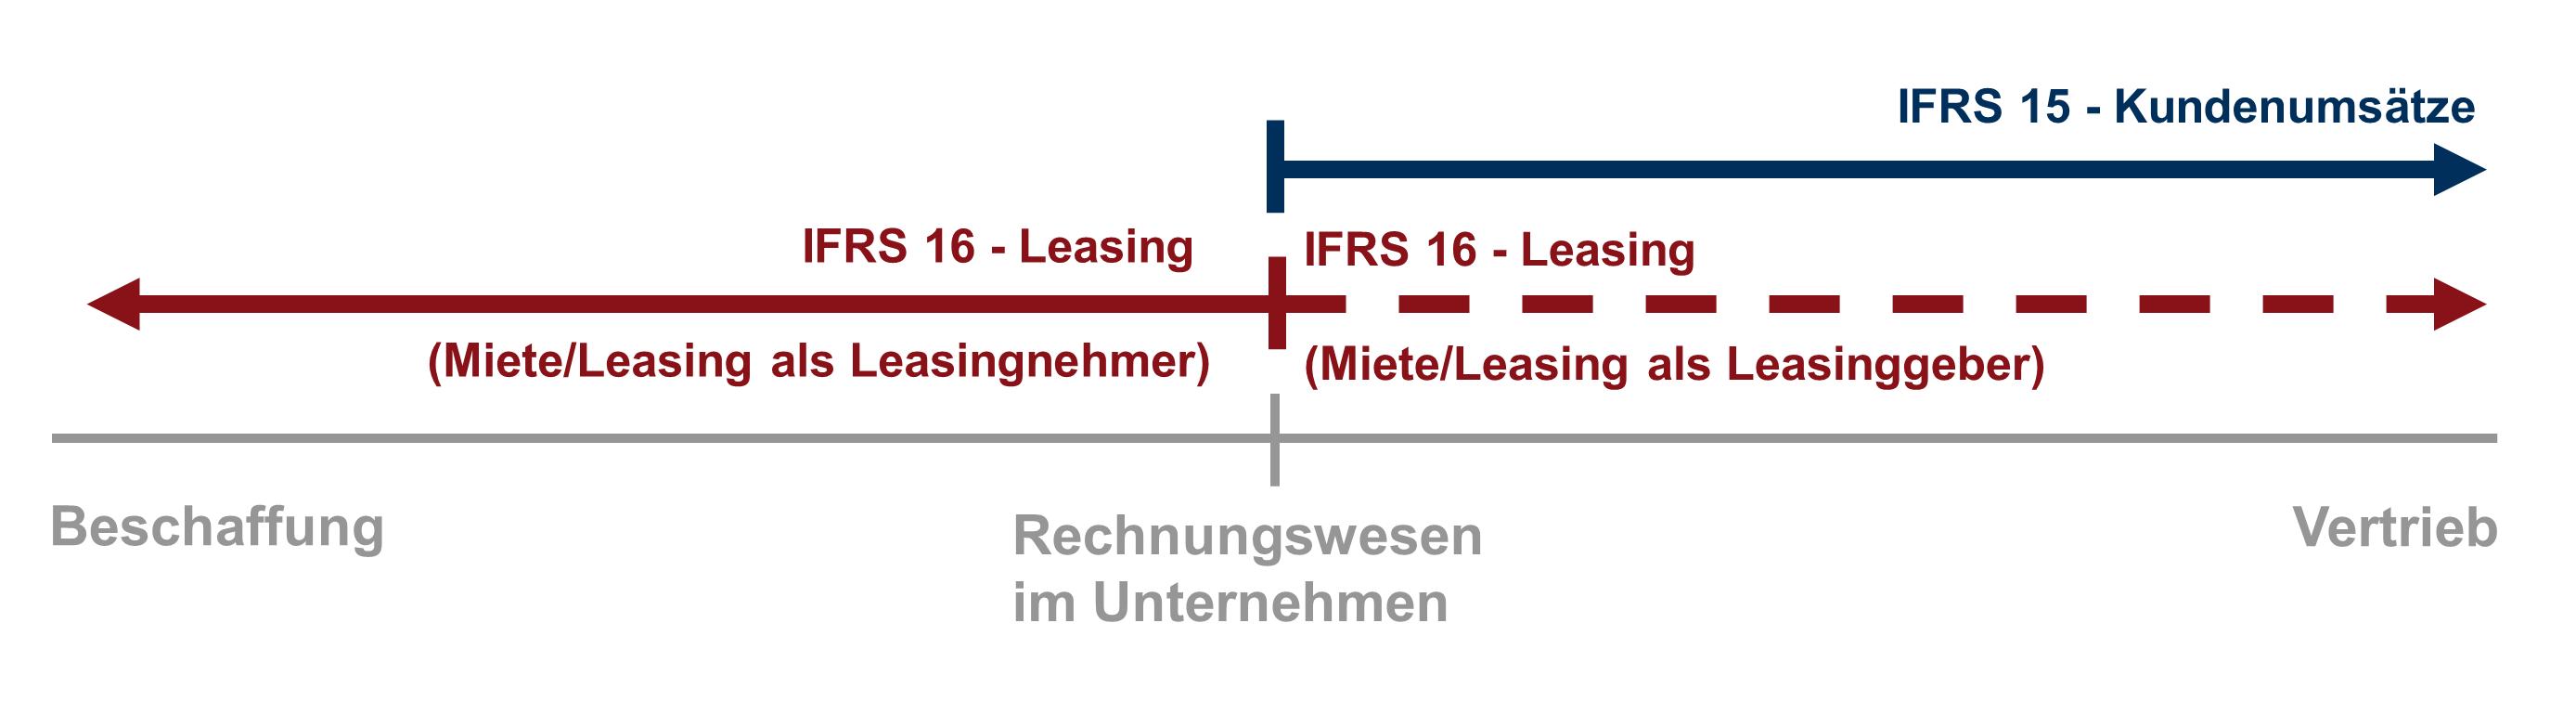 IFRS 15 und IFRS 16 mit einem Vertragsmanagement erfüllen